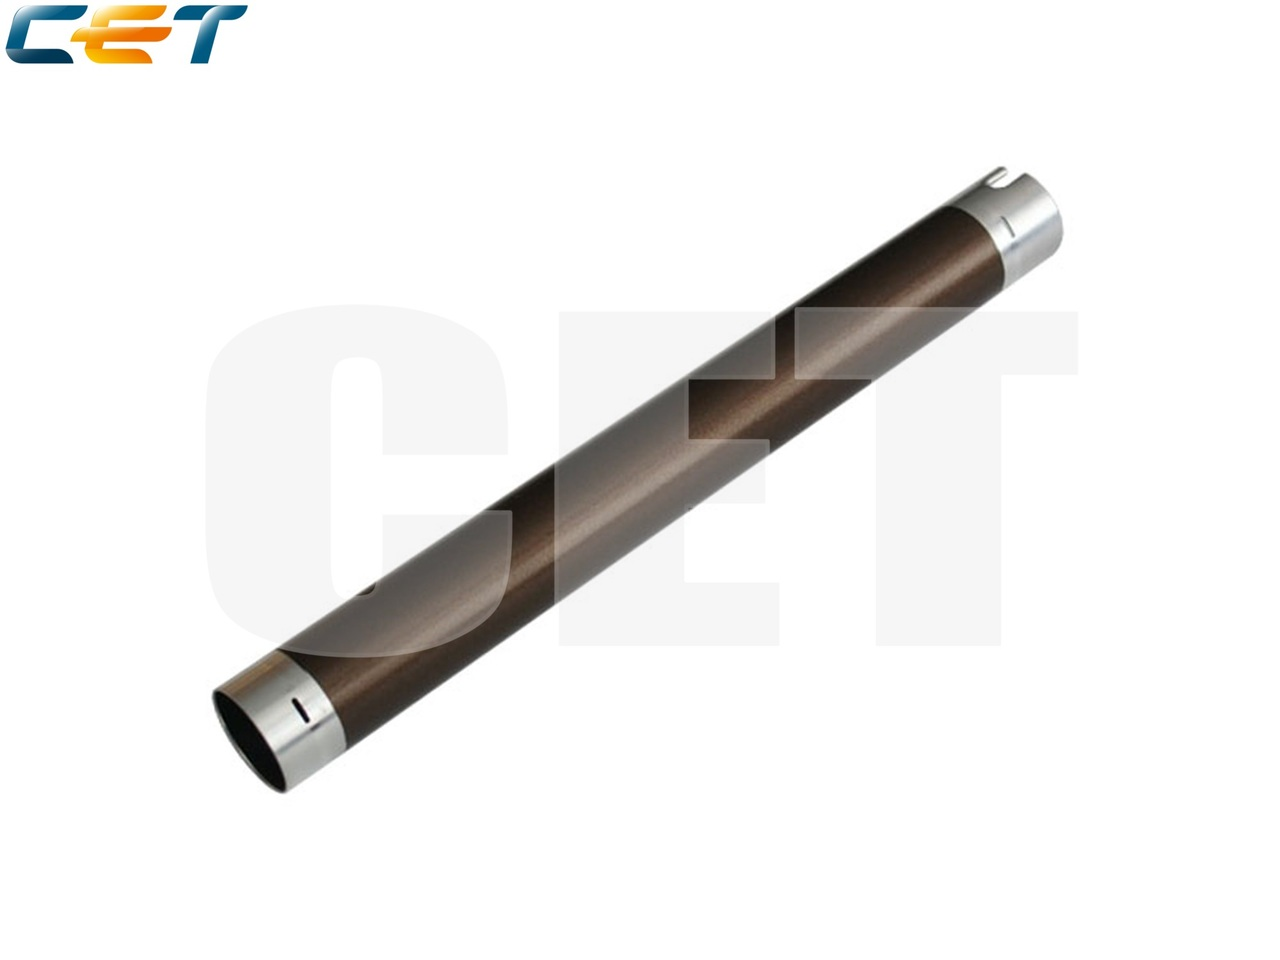 Тефлоновый вал 2F925050, 2J025160 для KYOCERAFS-3900DN/4000DN (CET), CET3988